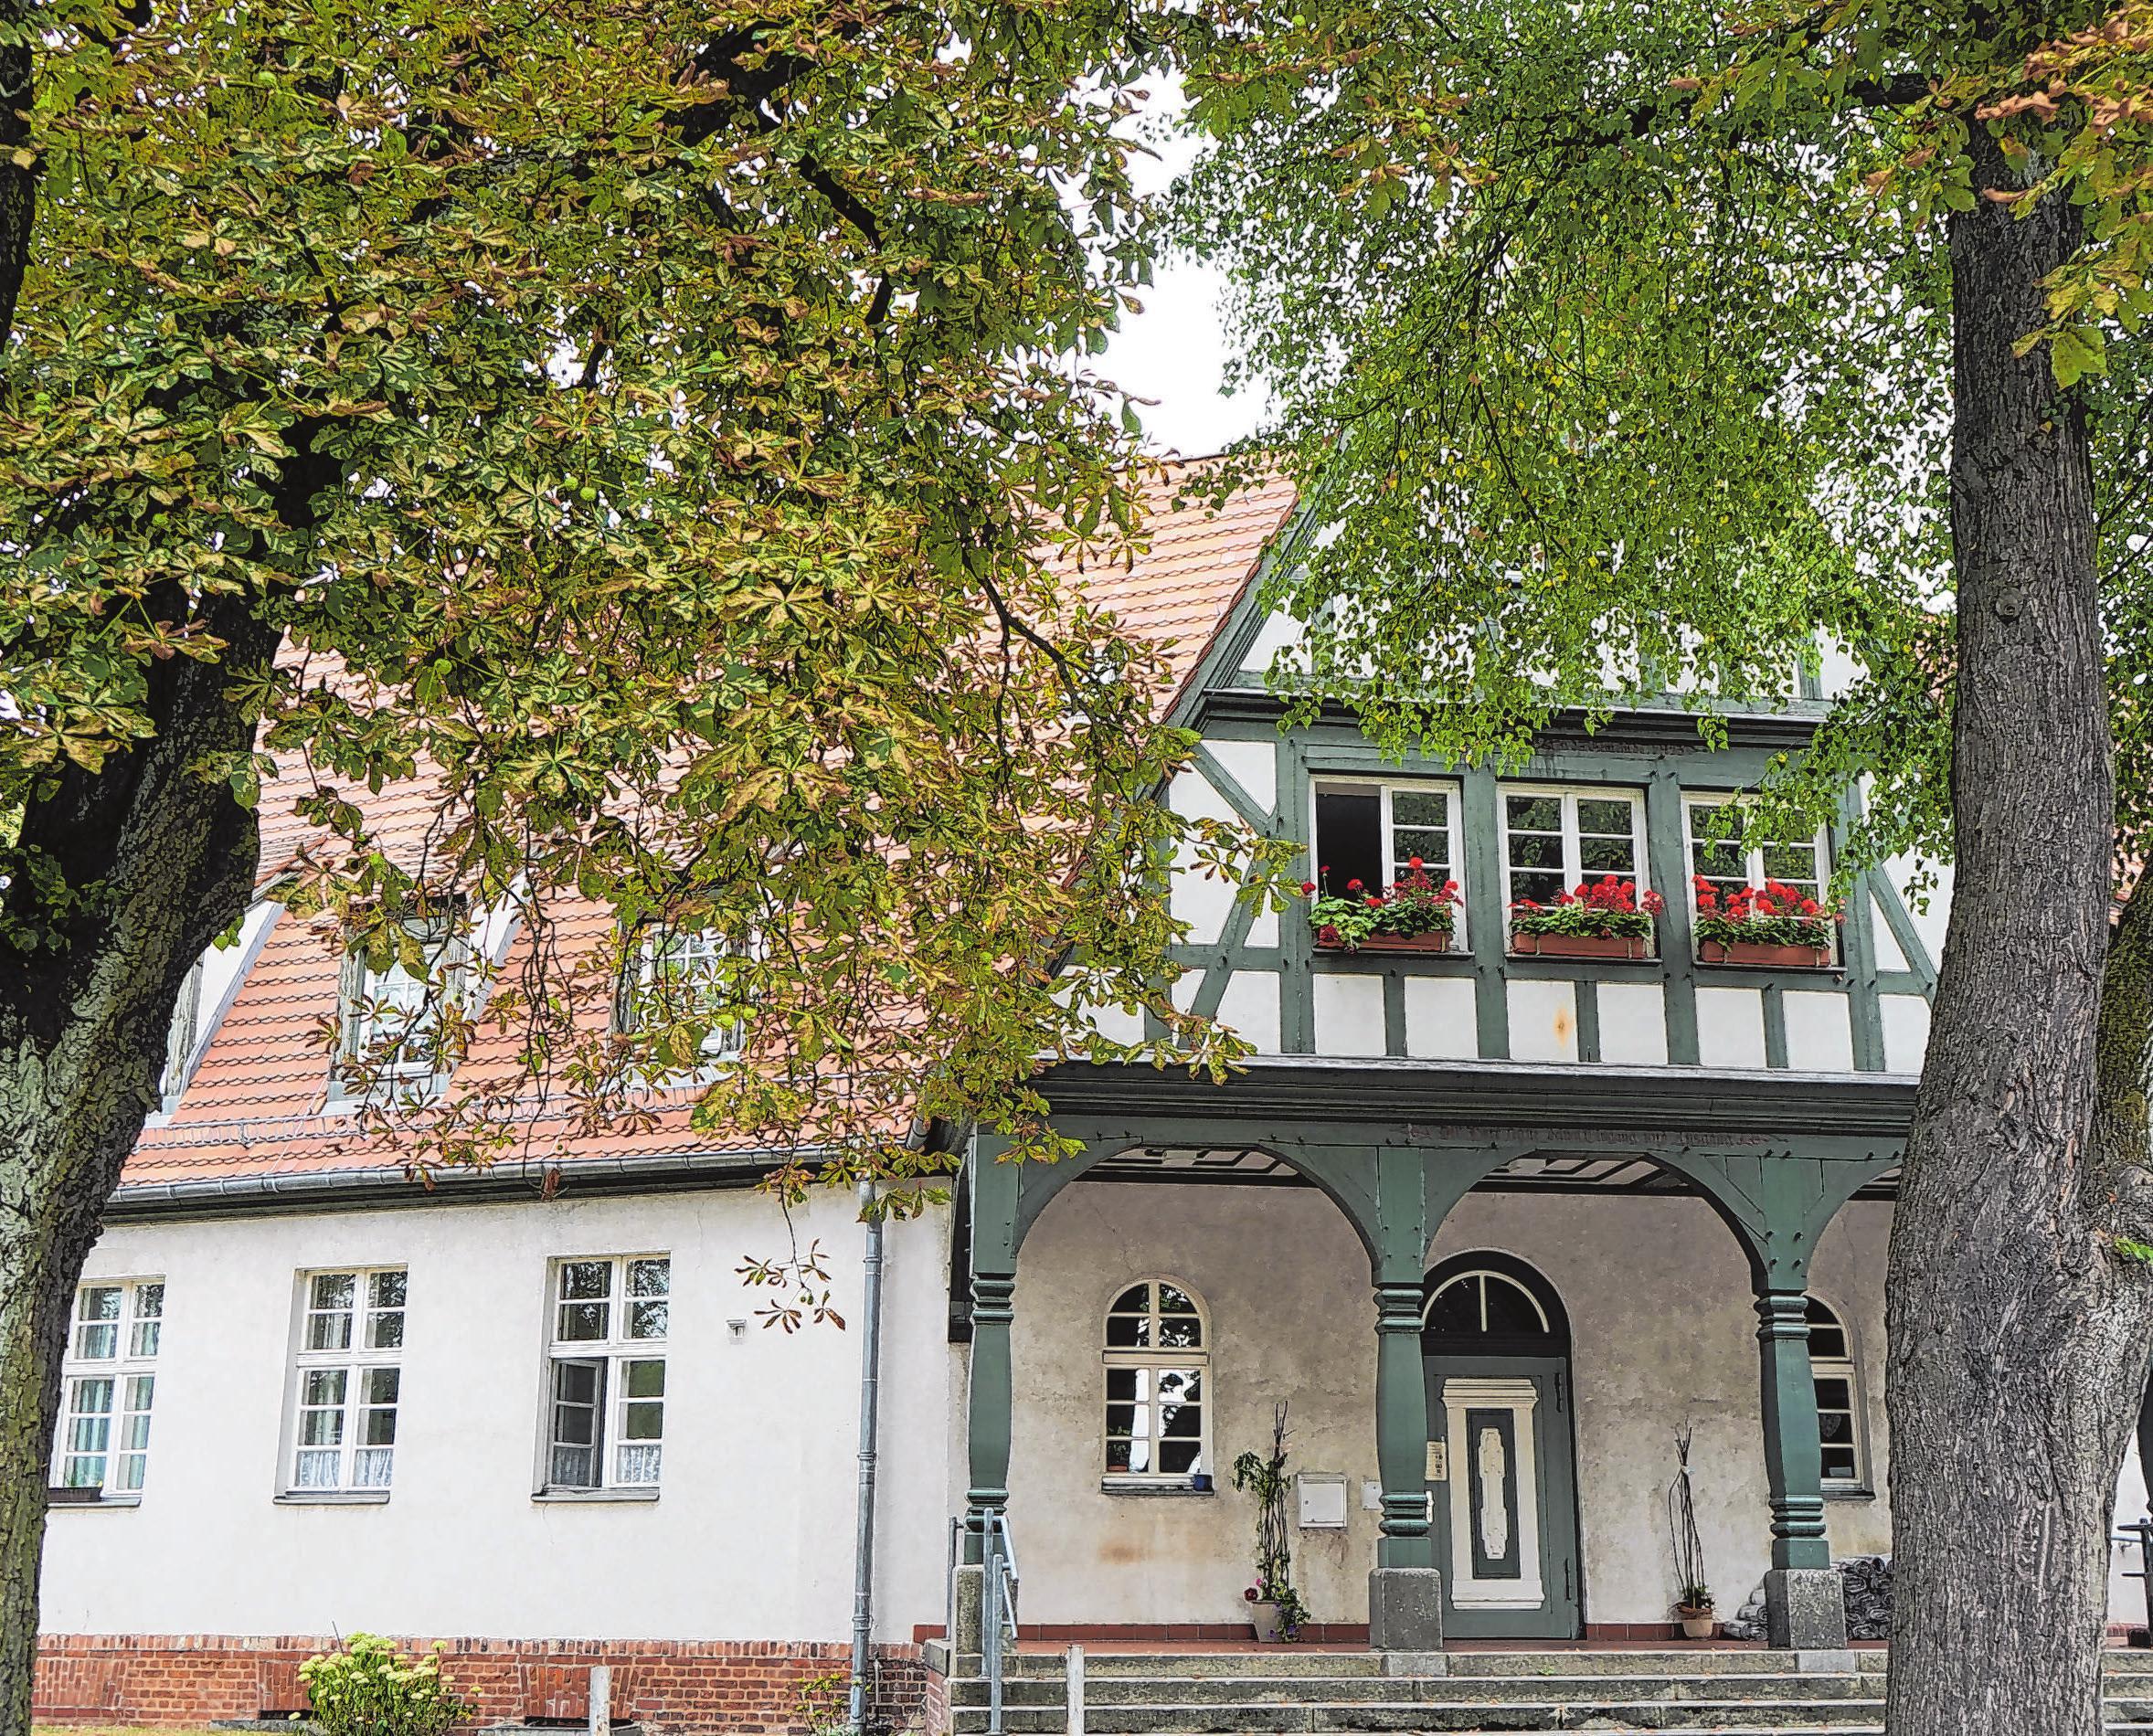 Im Innenhof zwischen der Wichern-Wohnstätte und dem Haus der Begegnung finden am Sonnabend Konzerte und ein Trödelmarkt statt.